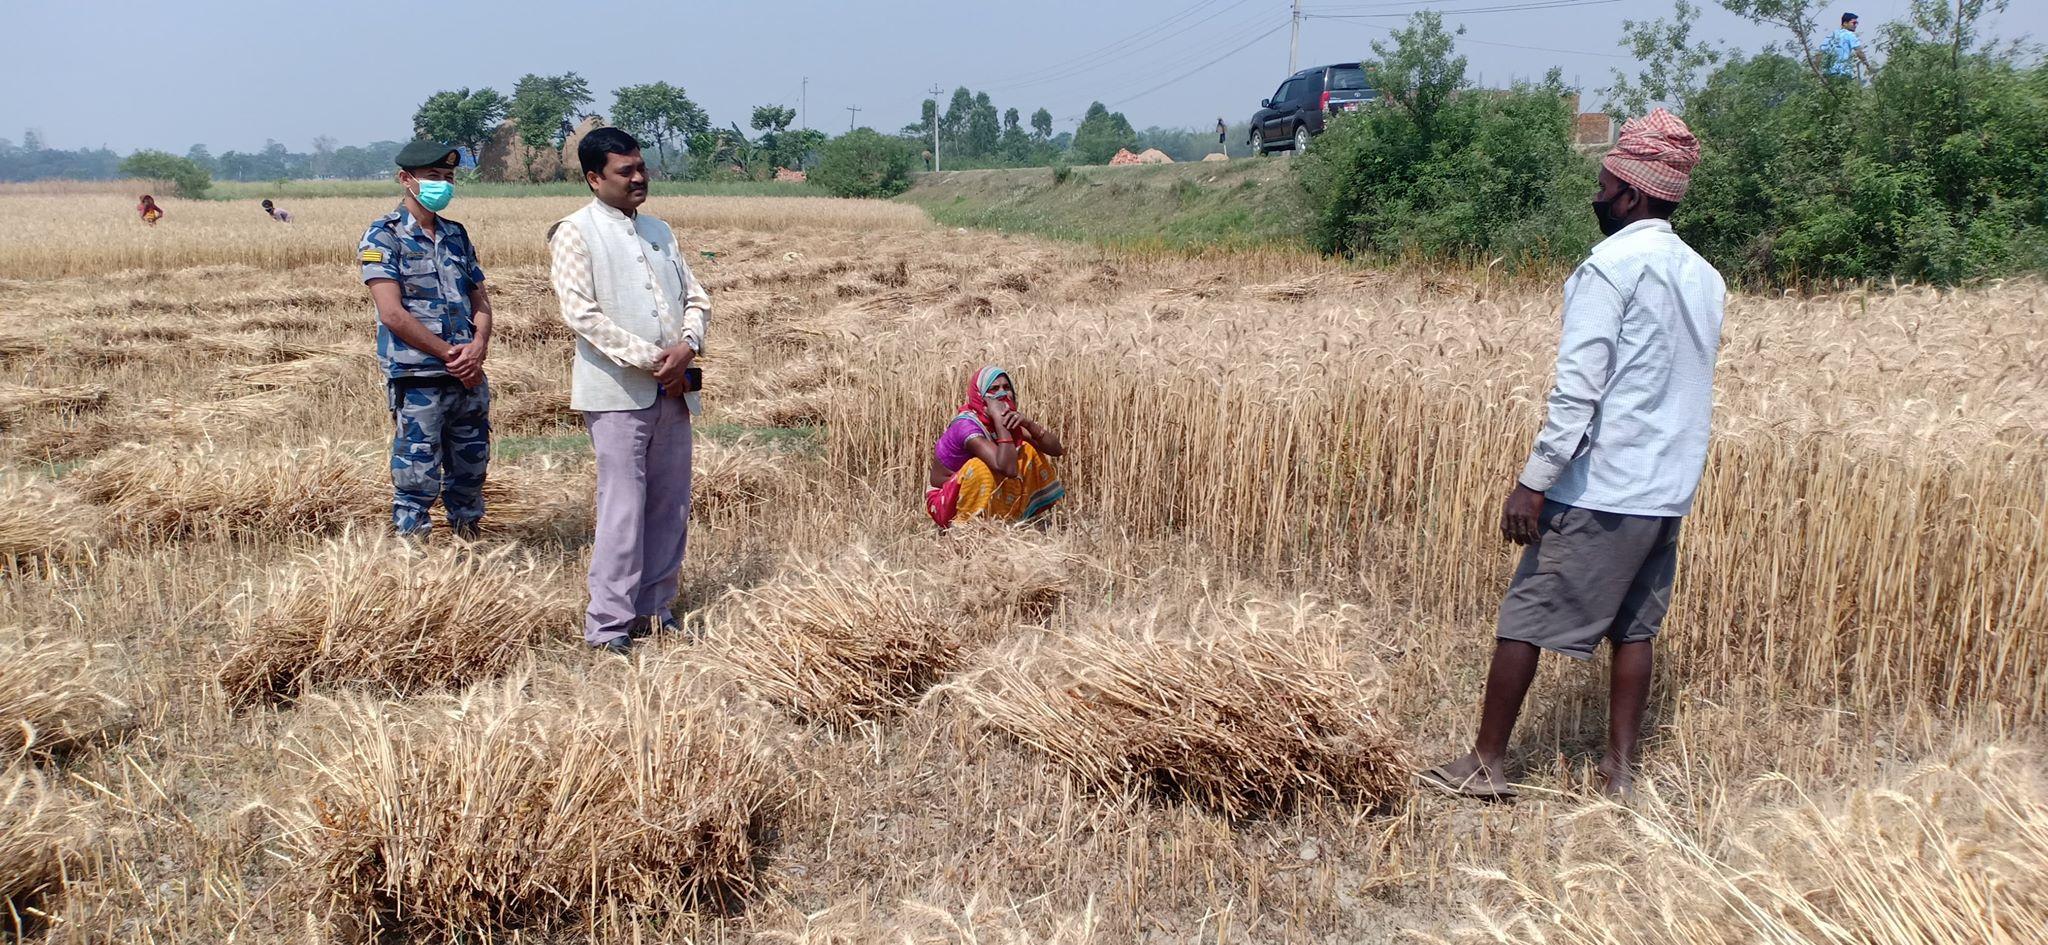 दूरी कायम राख्दै गहुँ भित्र्याउन कृषि मन्त्रीको सुझाव